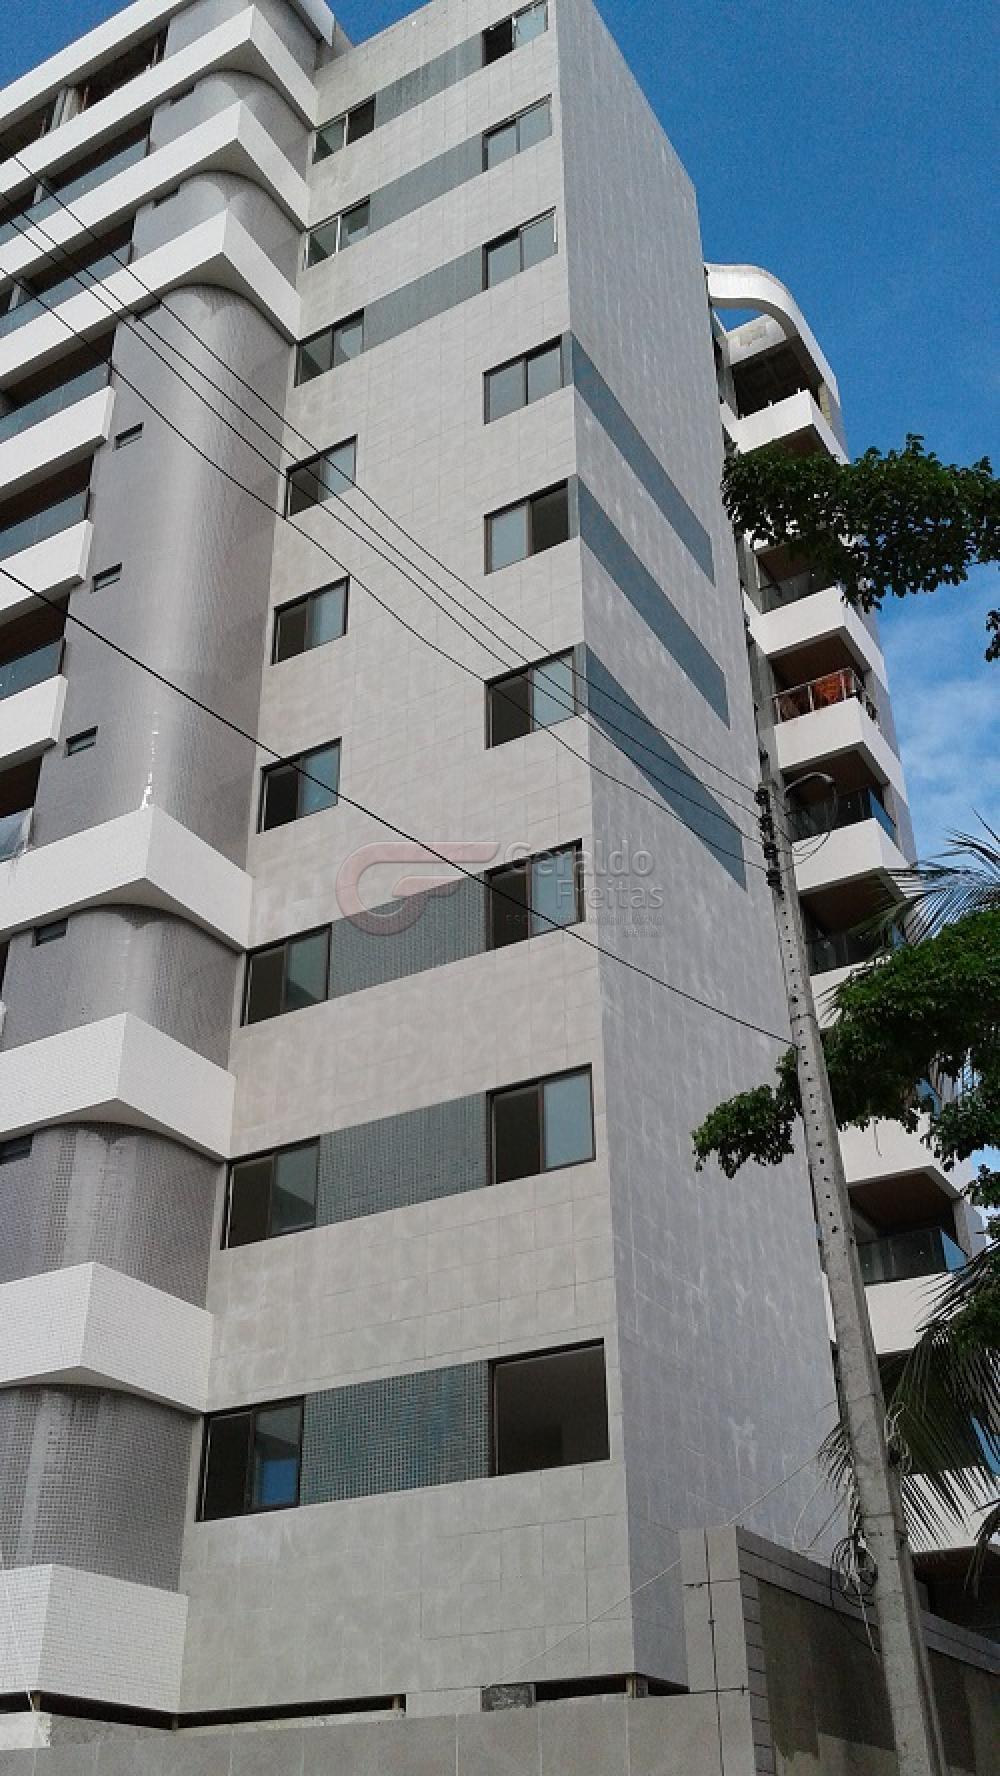 Comprar Apartamentos / Padrão em Maceió apenas R$ 620.000,00 - Foto 1